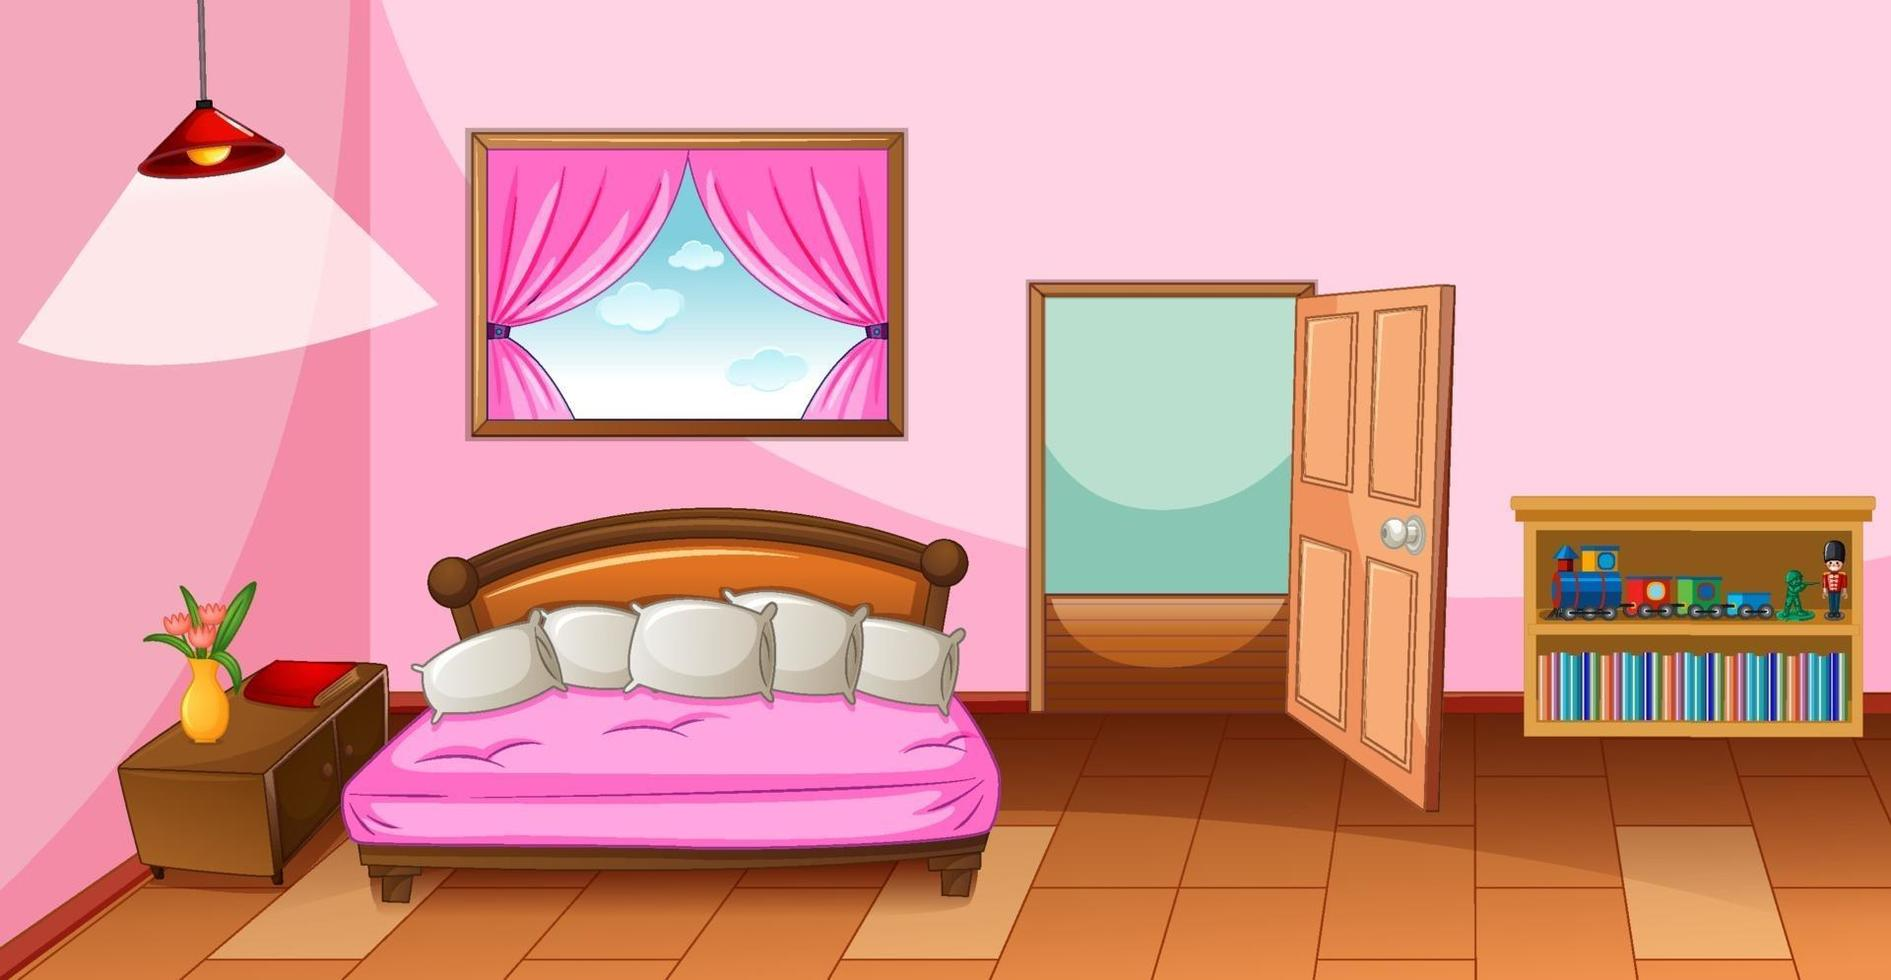 Schlafzimmer Interieur mit Möbeln in rosa Farbe Thema vektor